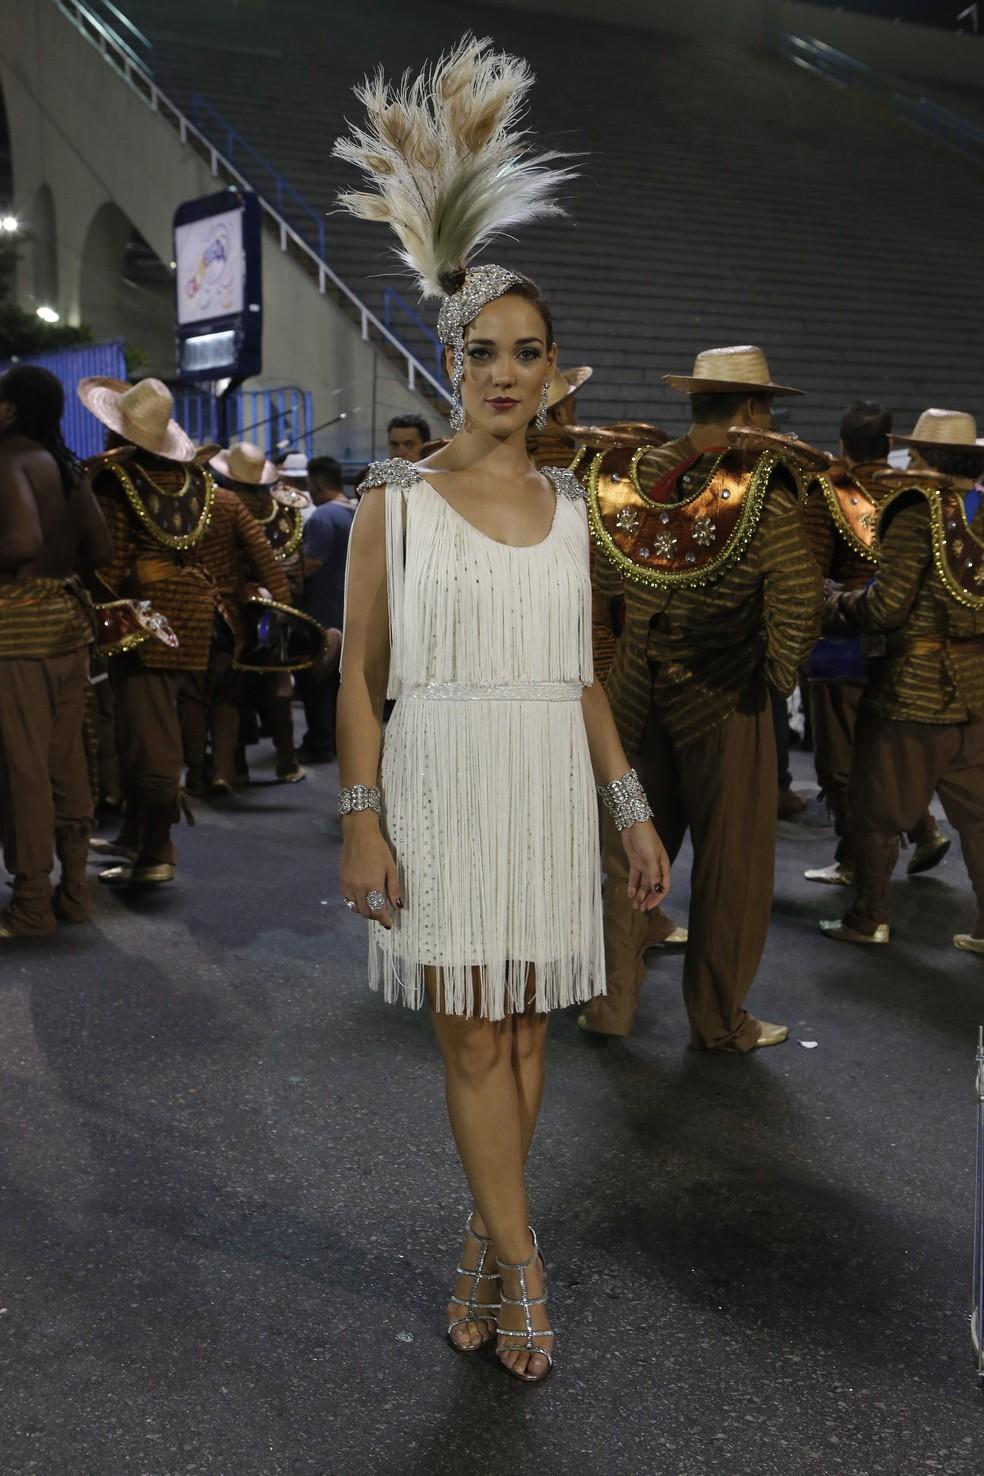 Amanda (Adriana Birolli) também participa do desfile em homenagem a José Alfredo (Alexandre Nero) - 'Império' — Foto: Felipe Monteiro/Globo